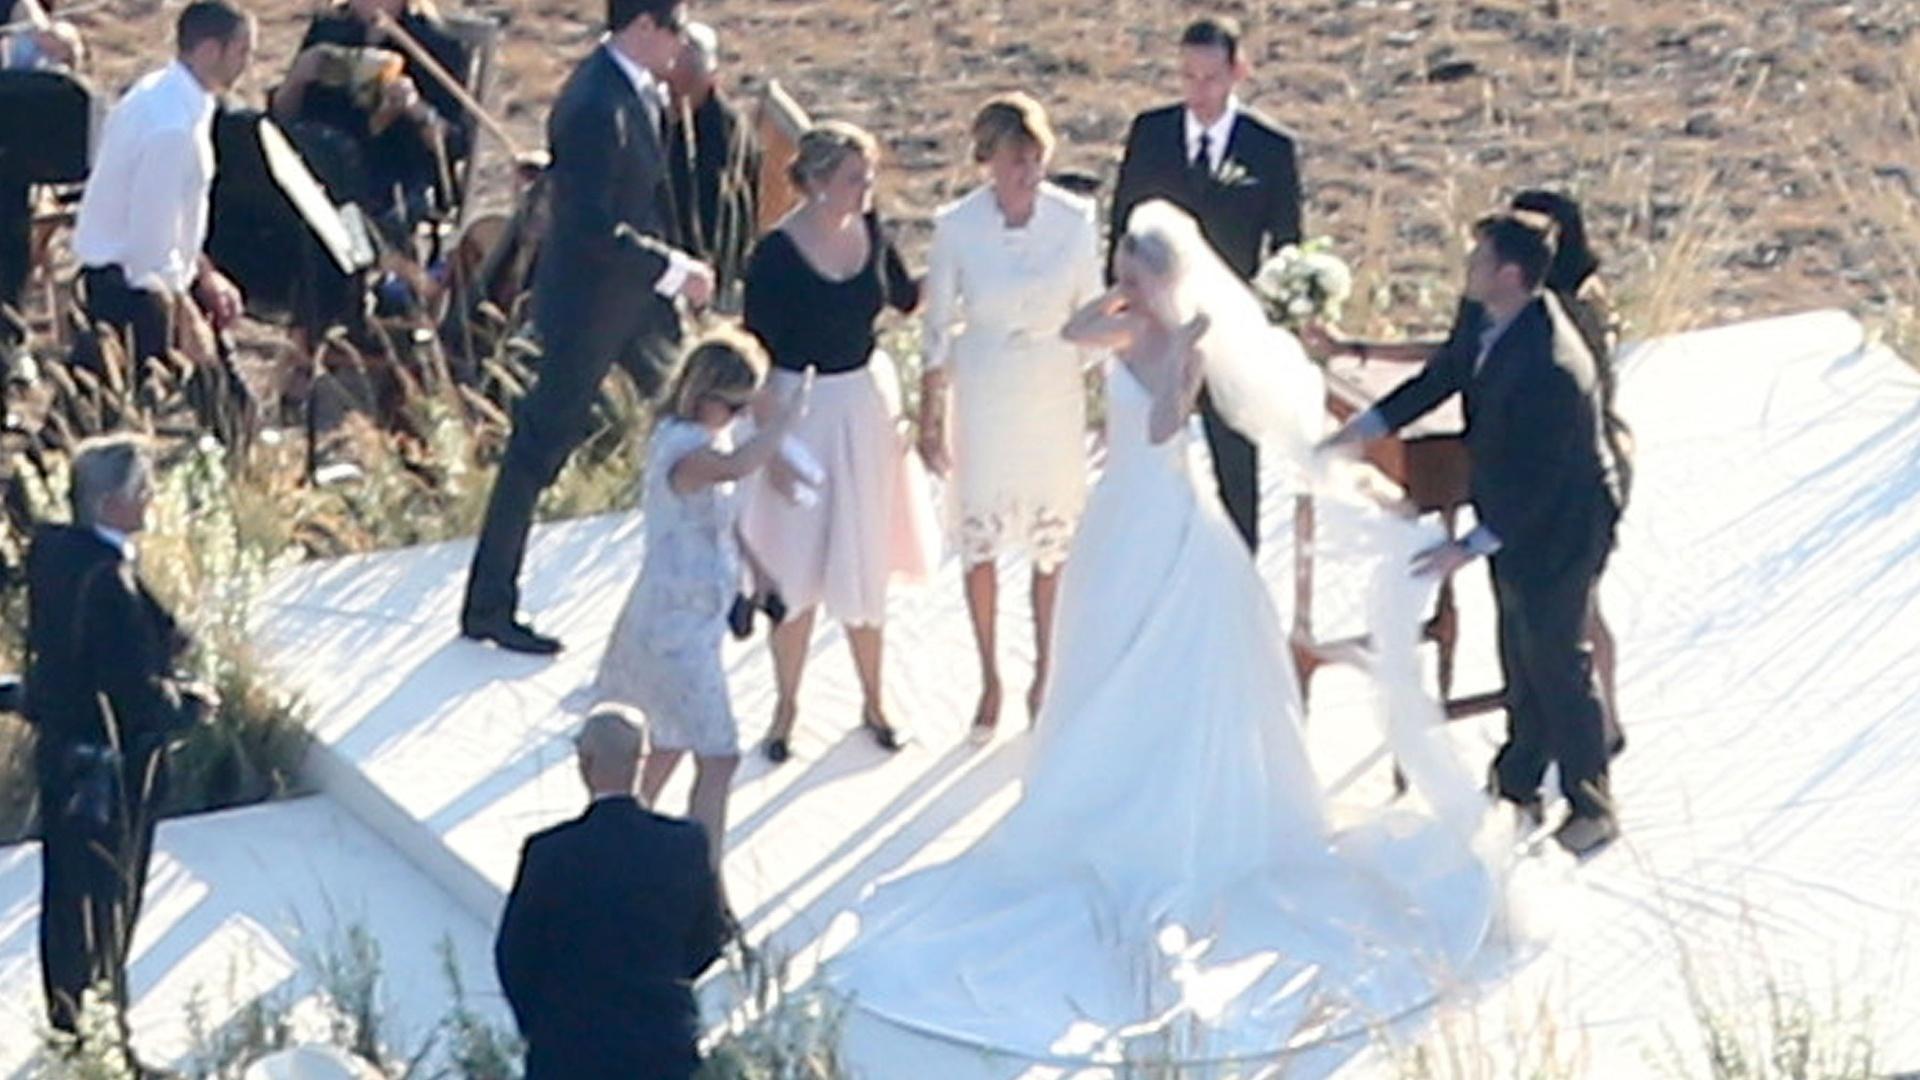 31.ago.2013 - A atriz Kate Bosworth arruma véu para foto após se casar com o diretor Michael Polish em um rancho no estado norte-americano de Montana. Após a cerimônia, os convidados foram levados para um local chamado Granite Lodge, onde comeram pratos locais